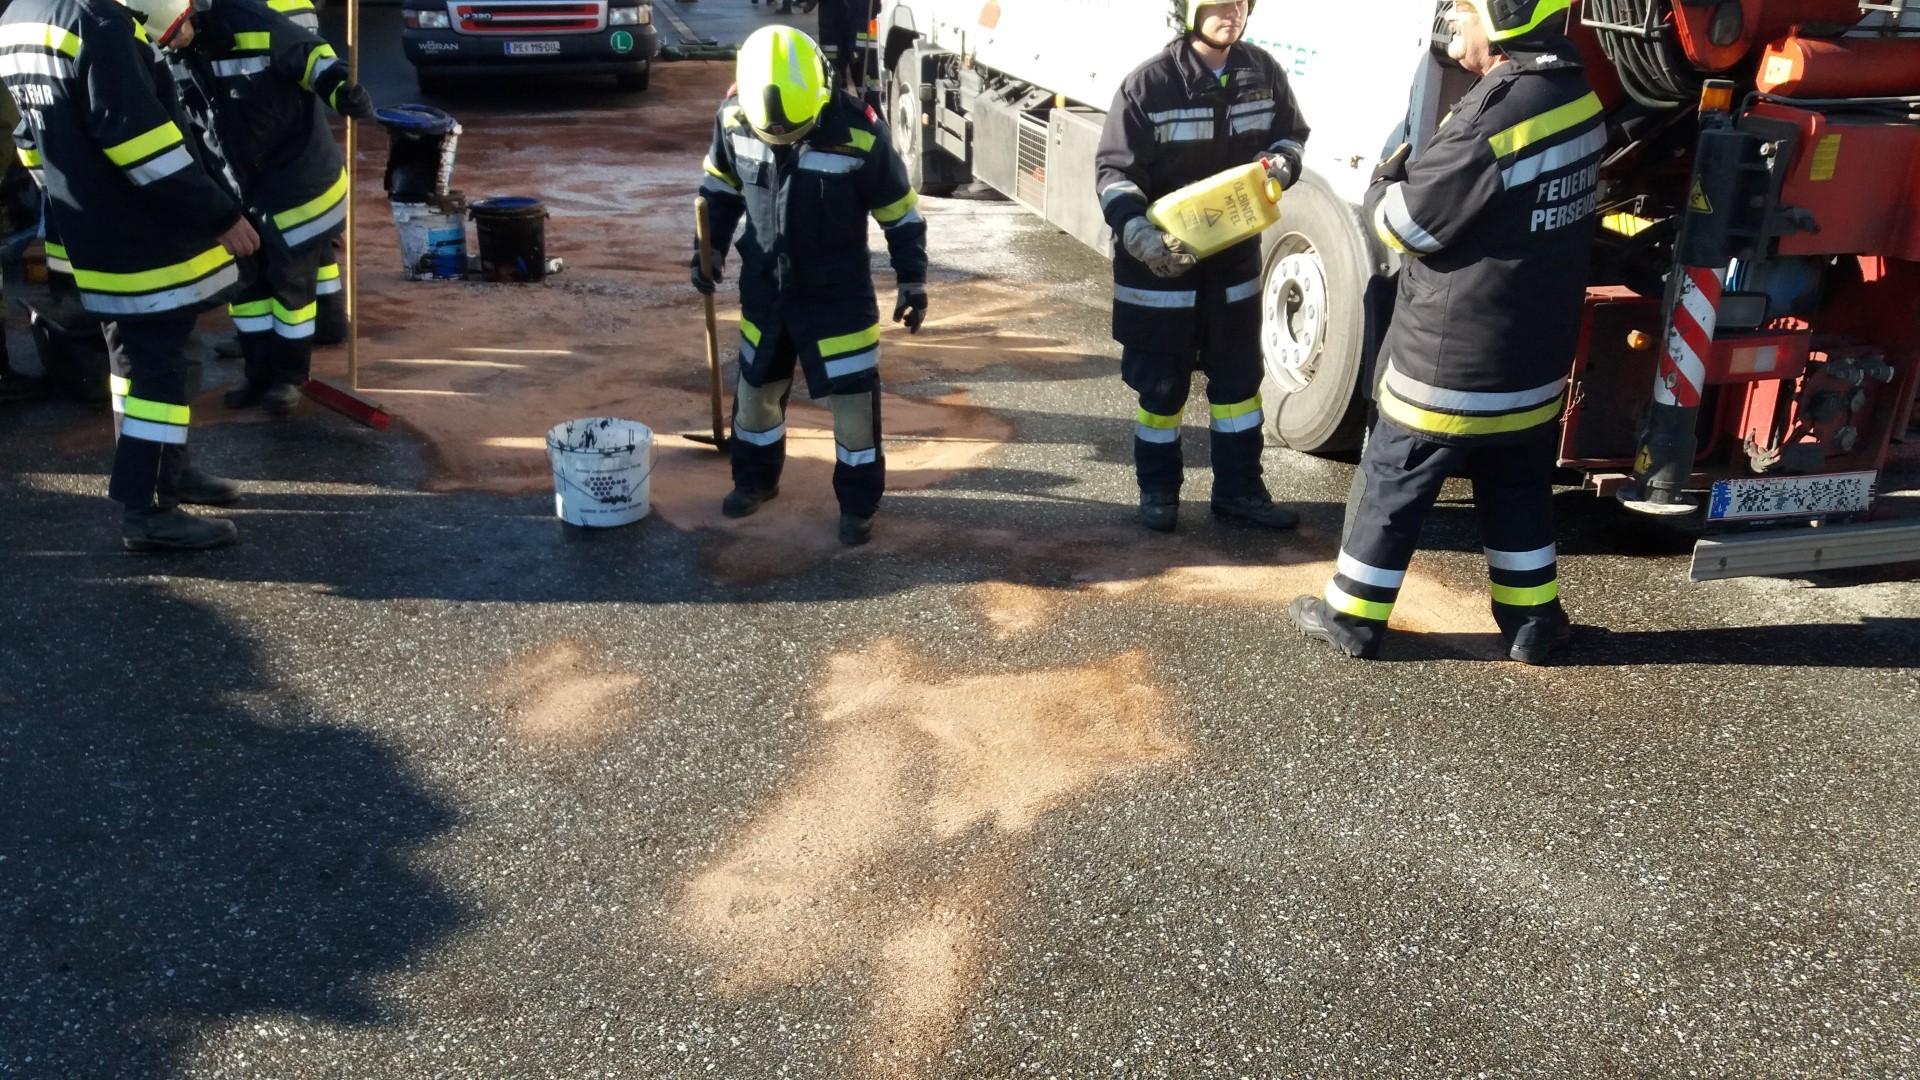 2017.10.09. Schadstoffeinsatz S2 in Yspertal (7)